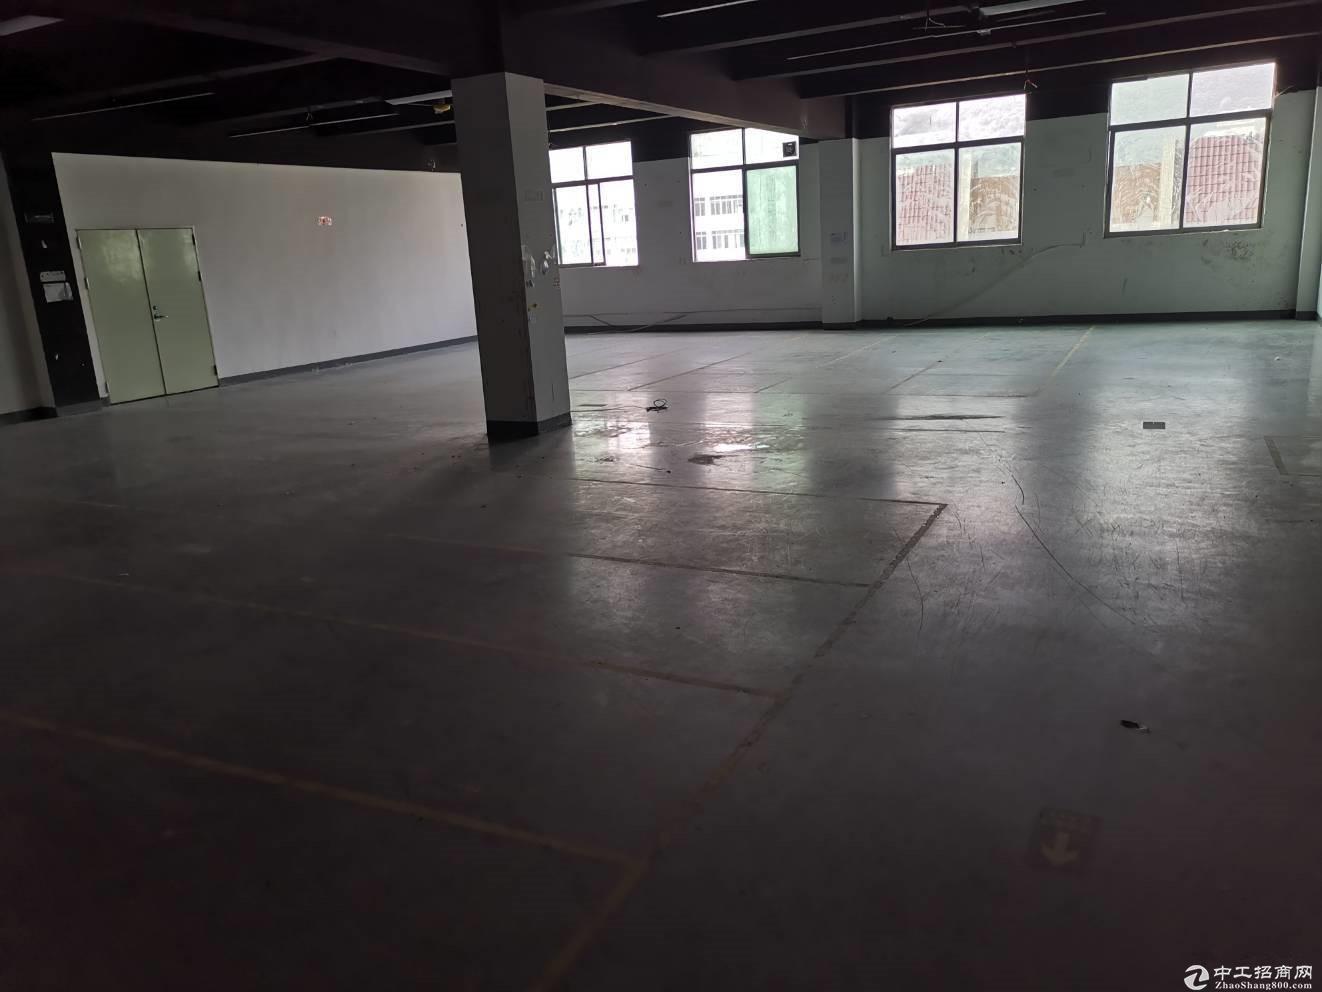 南山西丽地铁口现成仓库有货梯240平米厂房出租